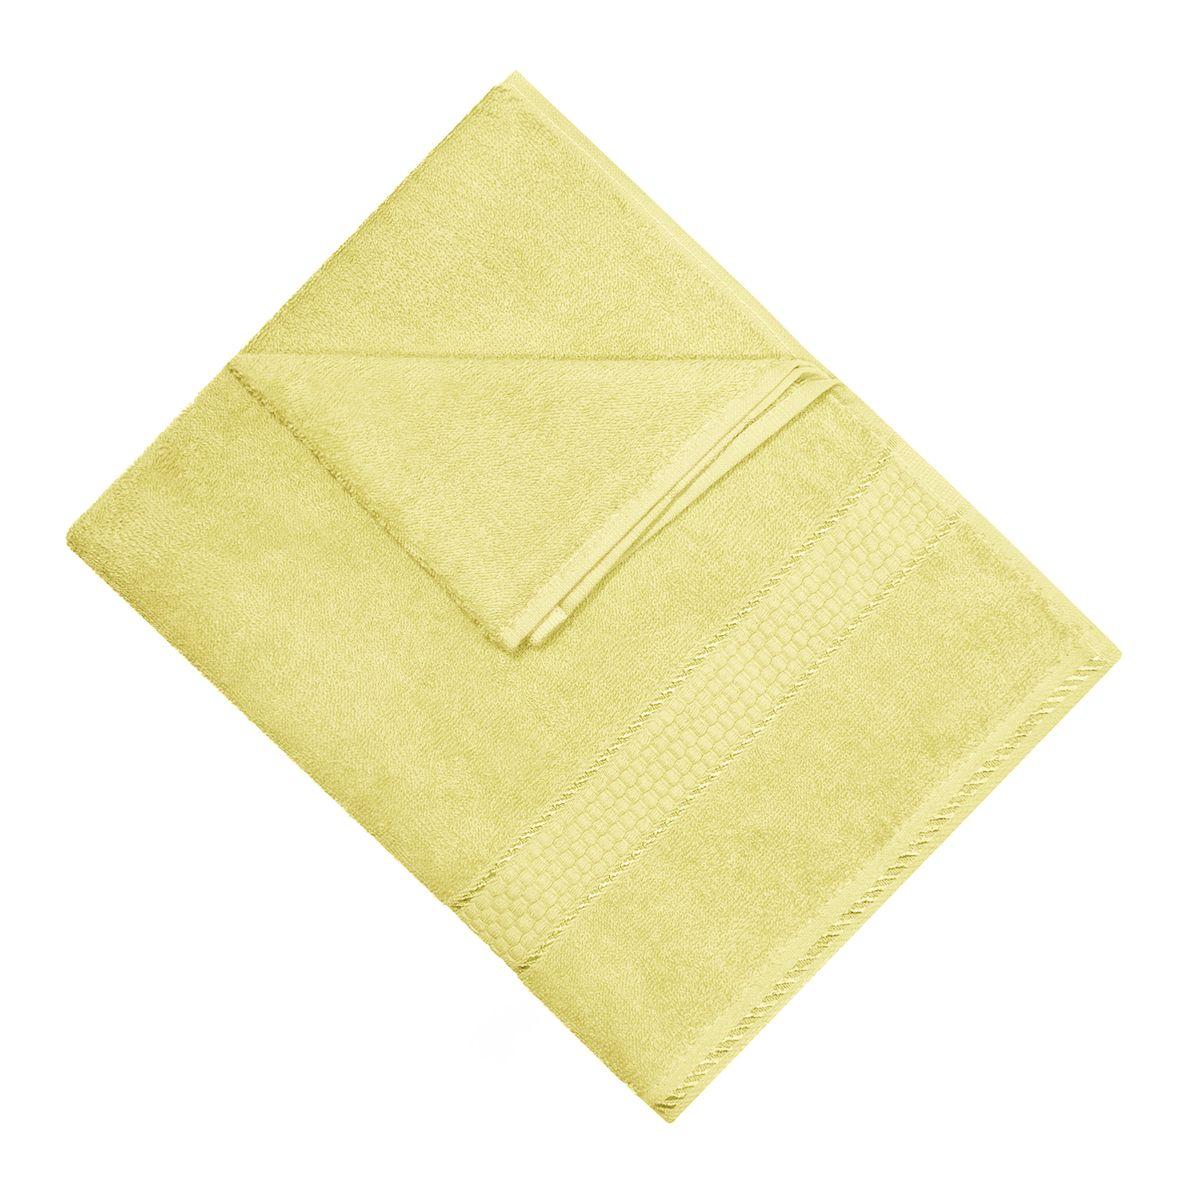 Полотенце махровое Osborn Textile, цвет: лимонный, 50 см х 90 смУзТ-МПМ-004-01-02В состав полотенца Osborn Textile входит только натуральное волокно - хлопок. Лаконичные бордюры подойдут для любого интерьера ванной комнаты. Полотенце прекрасно впитывает влагу и быстро сохнет. При соблюдении рекомендаций по уходу не линяет и не теряет форму даже после многократных стирок. Плотность: 450 г/м2.